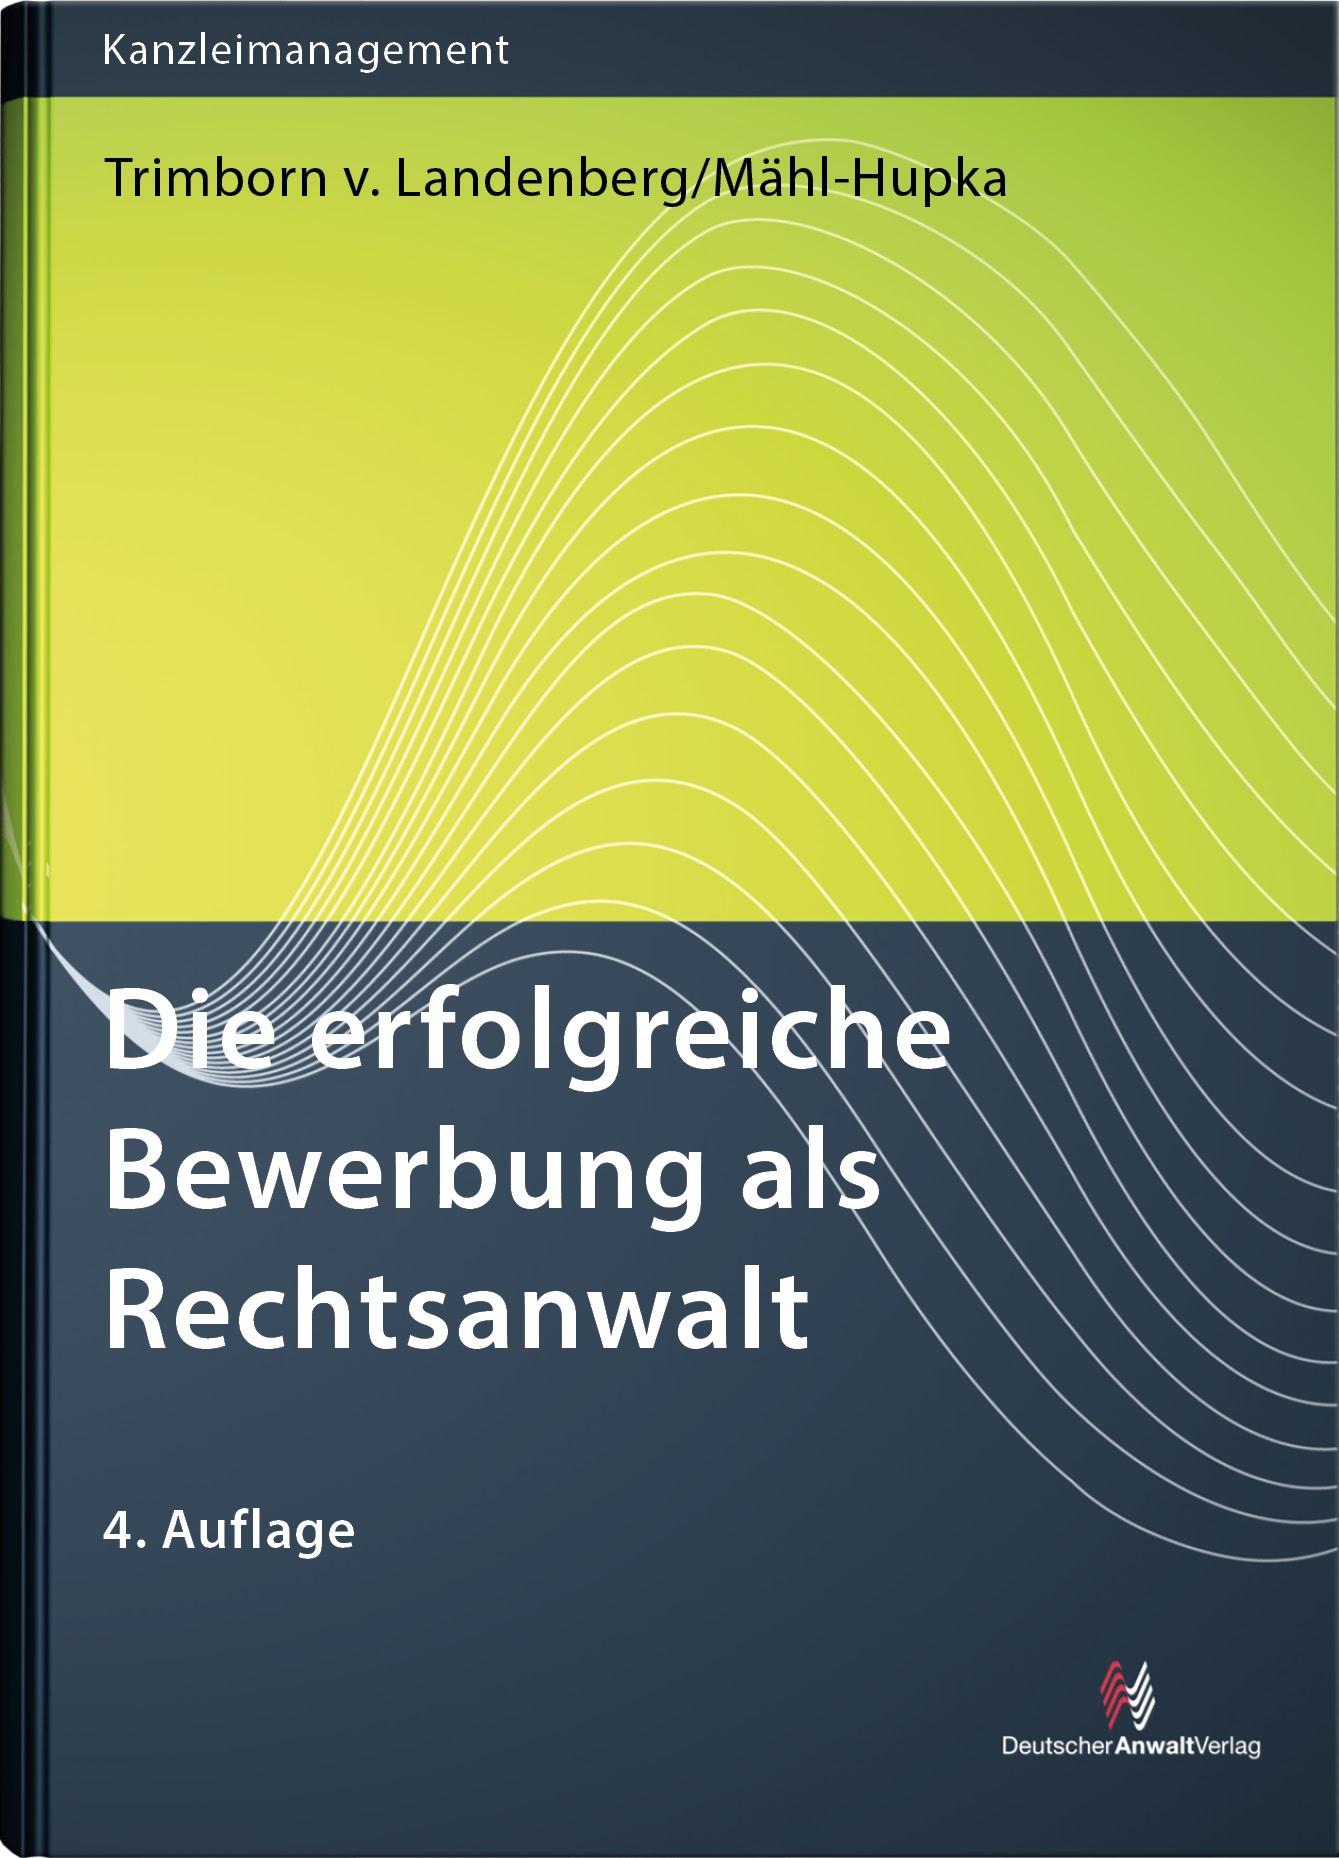 Die erfolgreiche Bewerbung als Rechtsanwalt | Trimborn von Landenberg / Mähl-Hupka | 4. Auflage, 2017 | Buch (Cover)